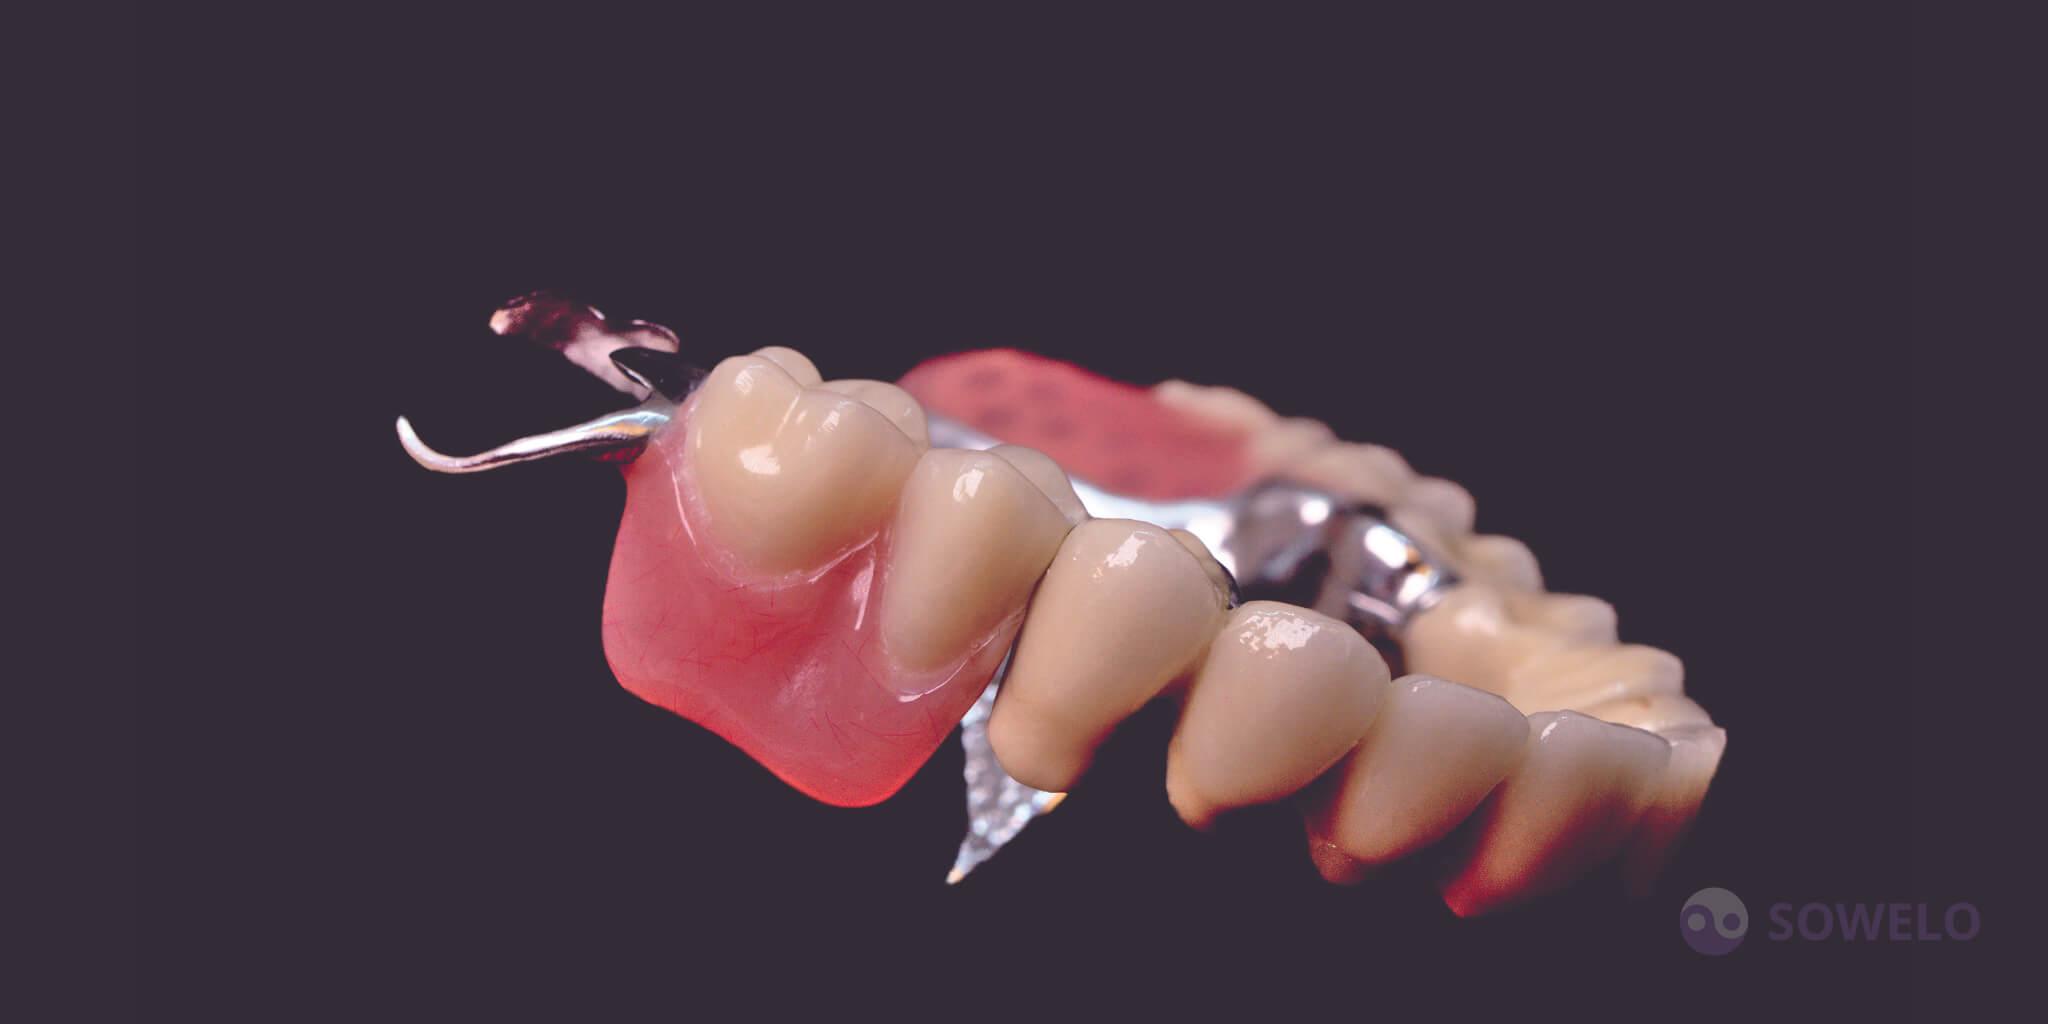 V primerih ko manjka več zob in ni možnosti, da obesimo prevleko ali mostiček na zdrave zobe, rešitev predstavljajo proteze. Izvrstna lastnost protez je v tem, da, ob pravilnem vzdrževanju, ne povzročajo dodatnih težav z dlesnimi, zobnimi koreninami ali čeljustjo. Proteze so funkcionalne in estetske. Proteze s kovinskim ogrodjem (wizil proteze), so odporne na deformacije in pokanje. So zelo dobro nosljive (pri uporabi npr. ce-ka sider, vario krogel) nič ne plešejo in ne pokajo.